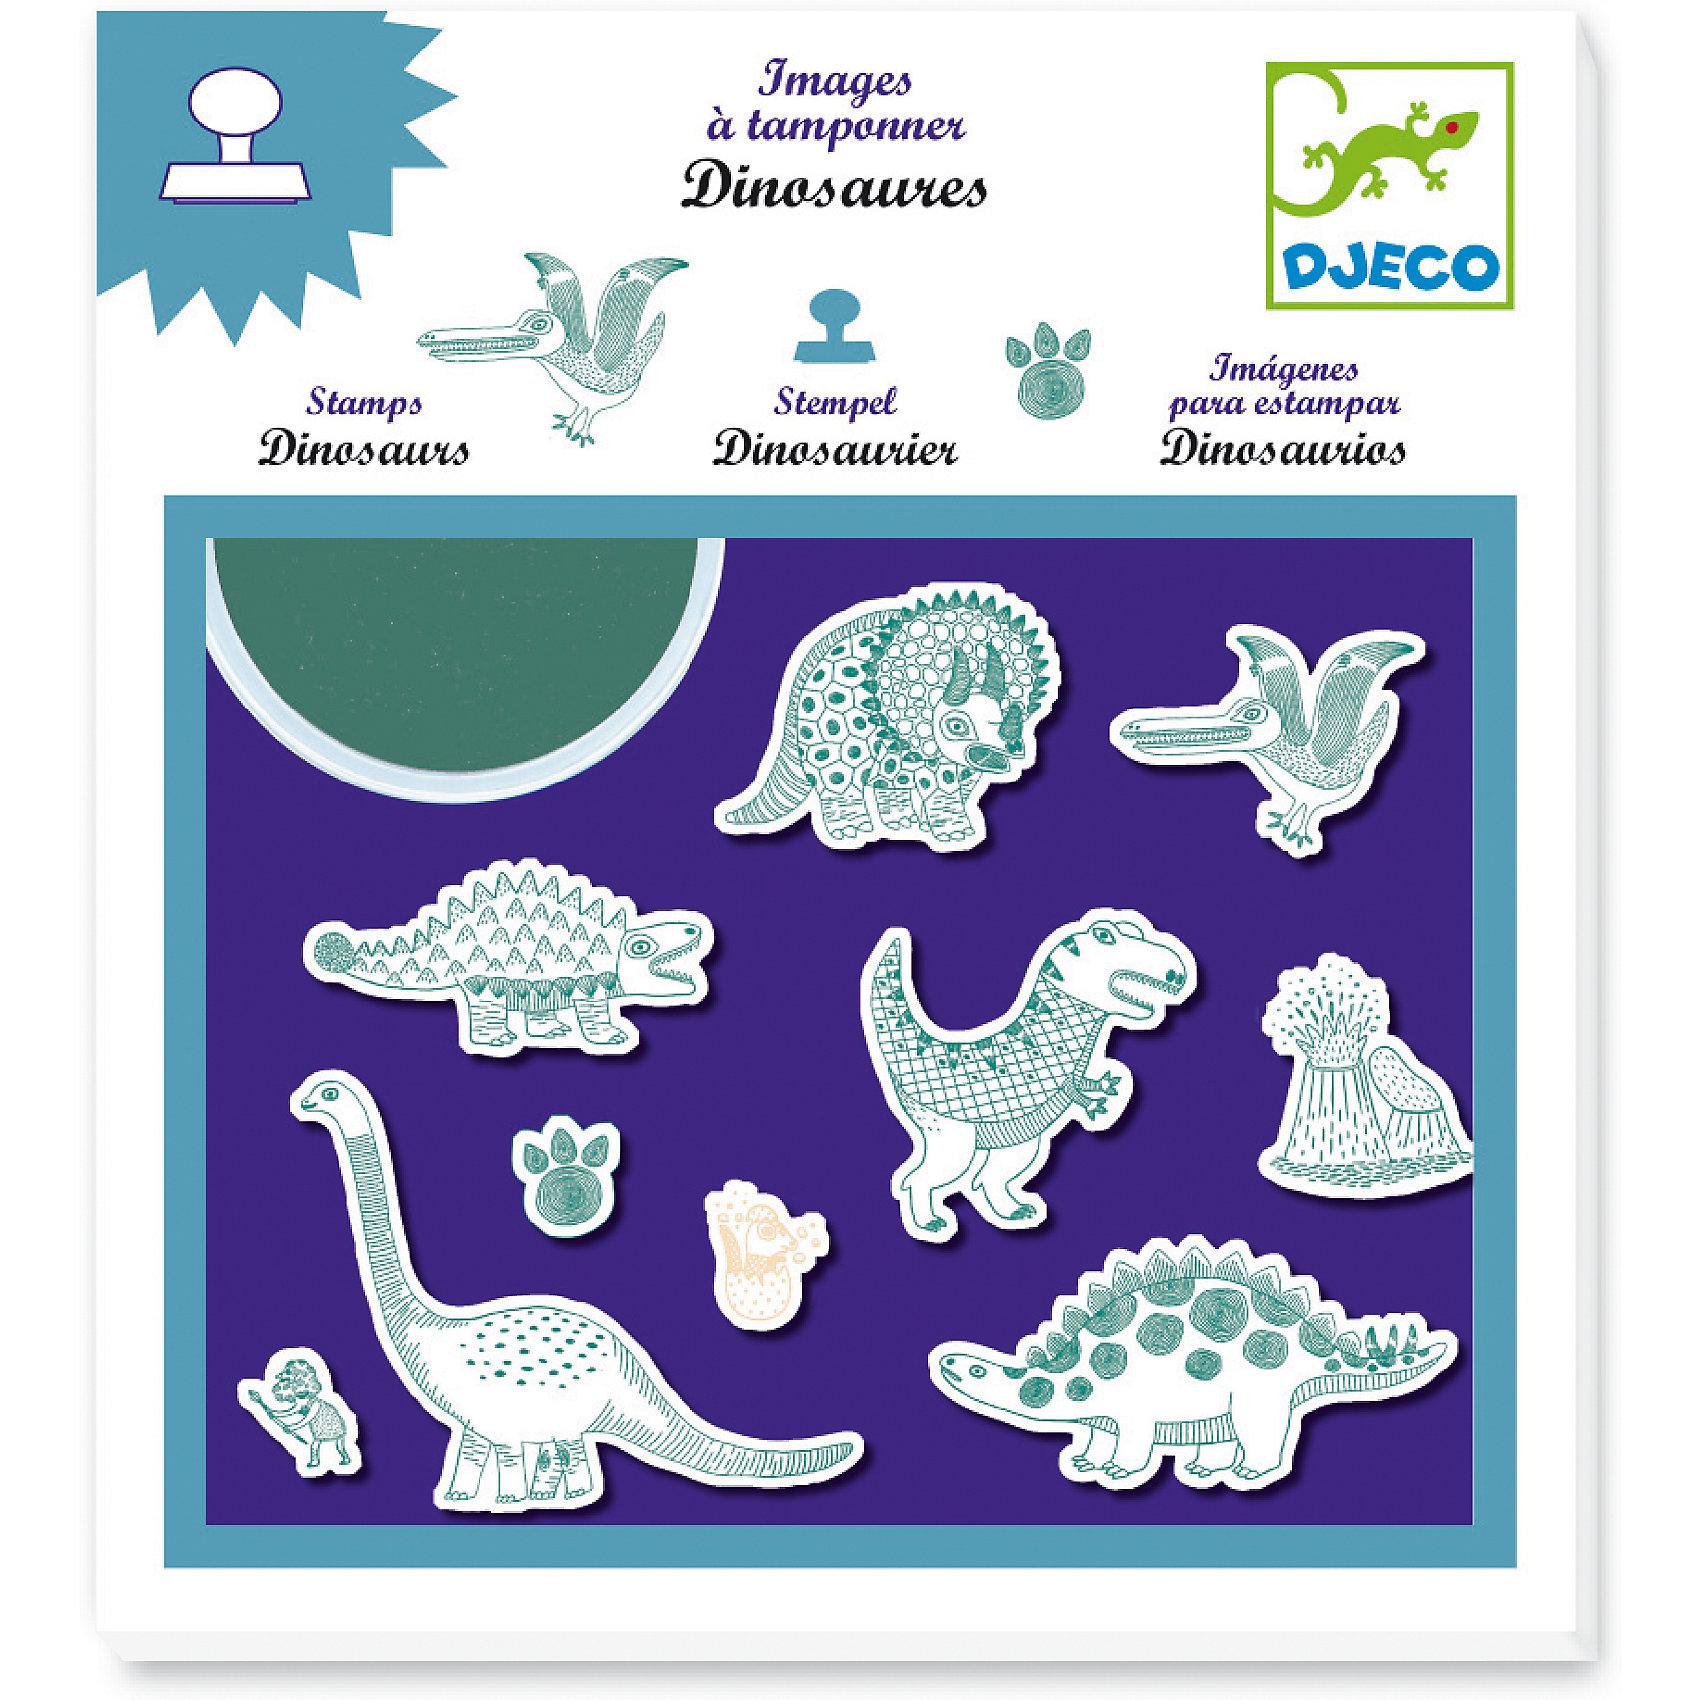 Набор штампов «Динозавры», DJECOДетские печати и штампы<br>Характеристики набора штампов Динозавры:<br><br>• возраст: от 3 лет<br>• пол: универсальный<br>• комплект: 10 штампов, штемпельная подушечка.<br>• состав: пластик, резина<br>• размер упаковки: 21 х 23 х 2 см.<br>• упаковка: картонная коробка блистерного типа.<br>• бренд: Djeco<br>• страна обладатель бренда: Франция.<br><br>Динозавры от компании Djeco - это детский набор штампиков, с которым ребенок проведет немало радостных минут. Использовать штампики очень просто, с этим справятся даже малыши. Для того, чтобы нанести изображение какого-либо динозавра на бумагу, достаточно лишь посильнее придавить штампик к листку бумаги.<br><br>Набор штампов Динозавры от торговой марки Djeco (Джеко) можно купить в нашем интернет-магазине.<br><br>Ширина мм: 230<br>Глубина мм: 210<br>Высота мм: 200<br>Вес г: 300<br>Возраст от месяцев: 48<br>Возраст до месяцев: 2147483647<br>Пол: Унисекс<br>Возраст: Детский<br>SKU: 5448815